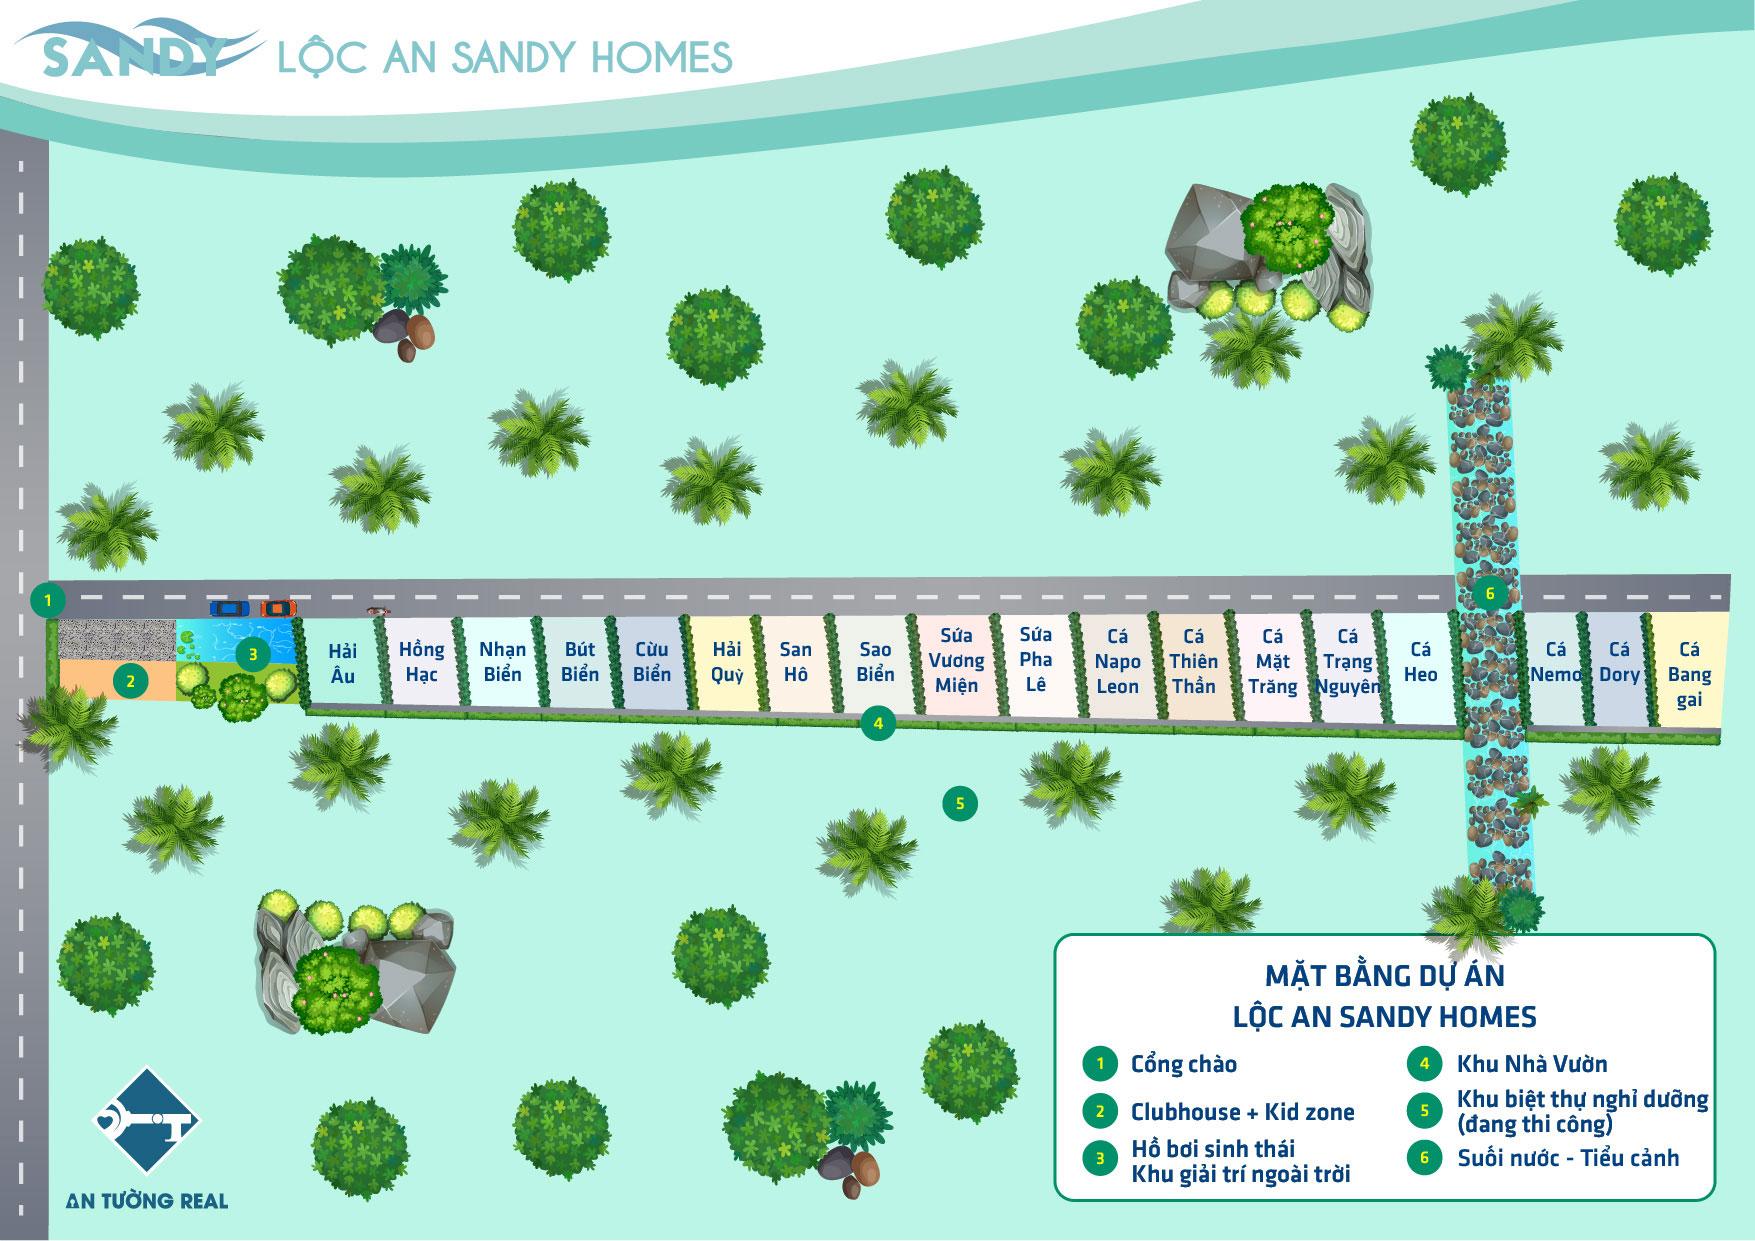 Mặt bằng tổng Lộc An Sandy Home 01 2021